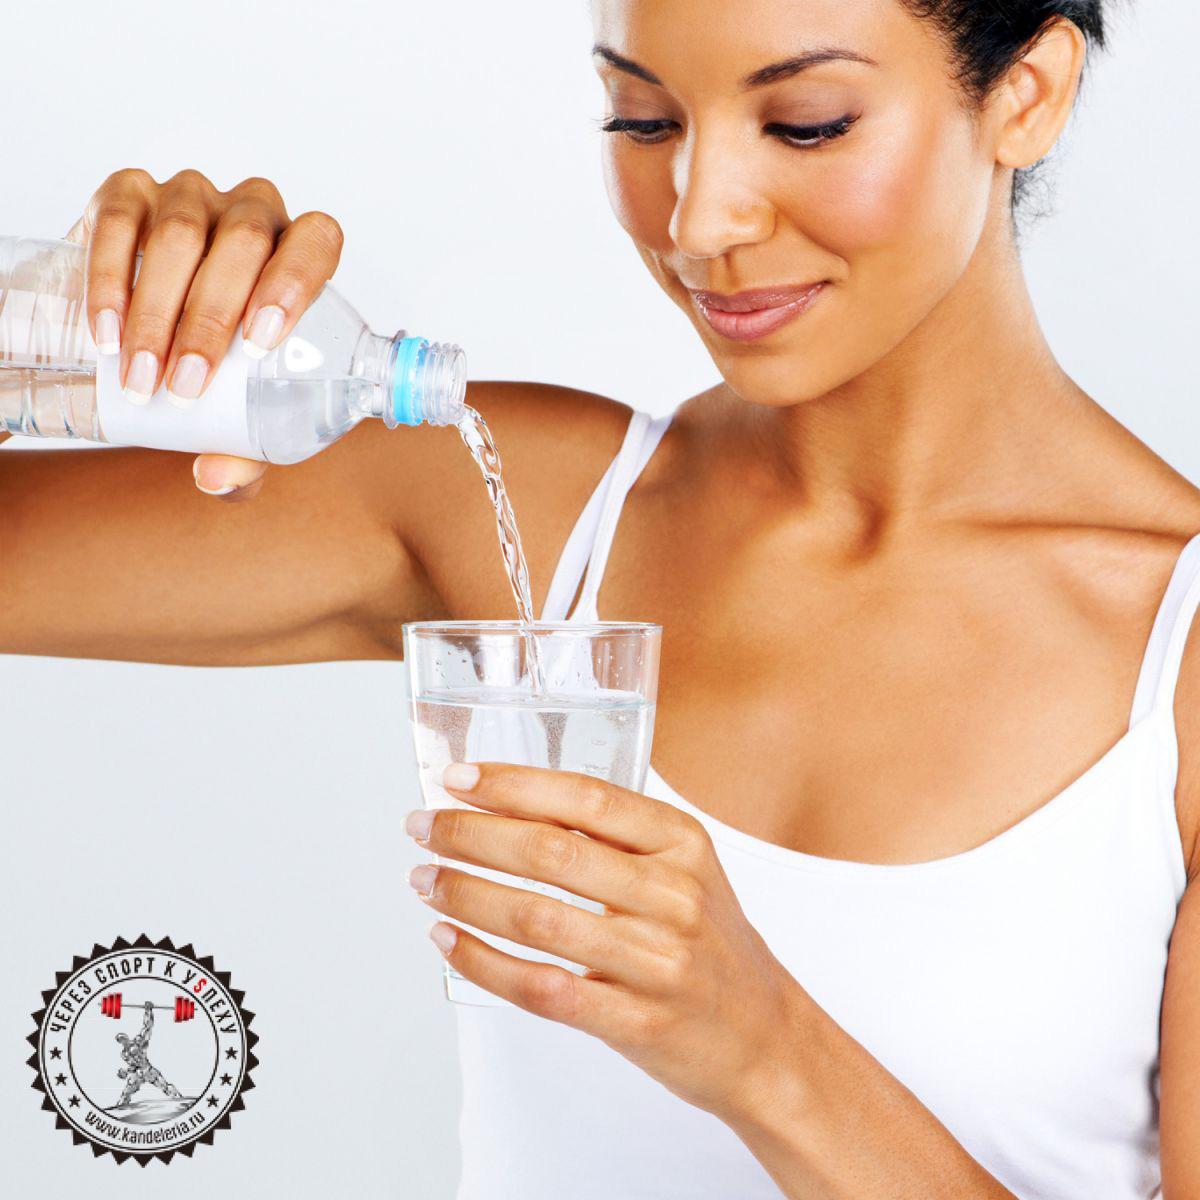 Регулярно пейте воду